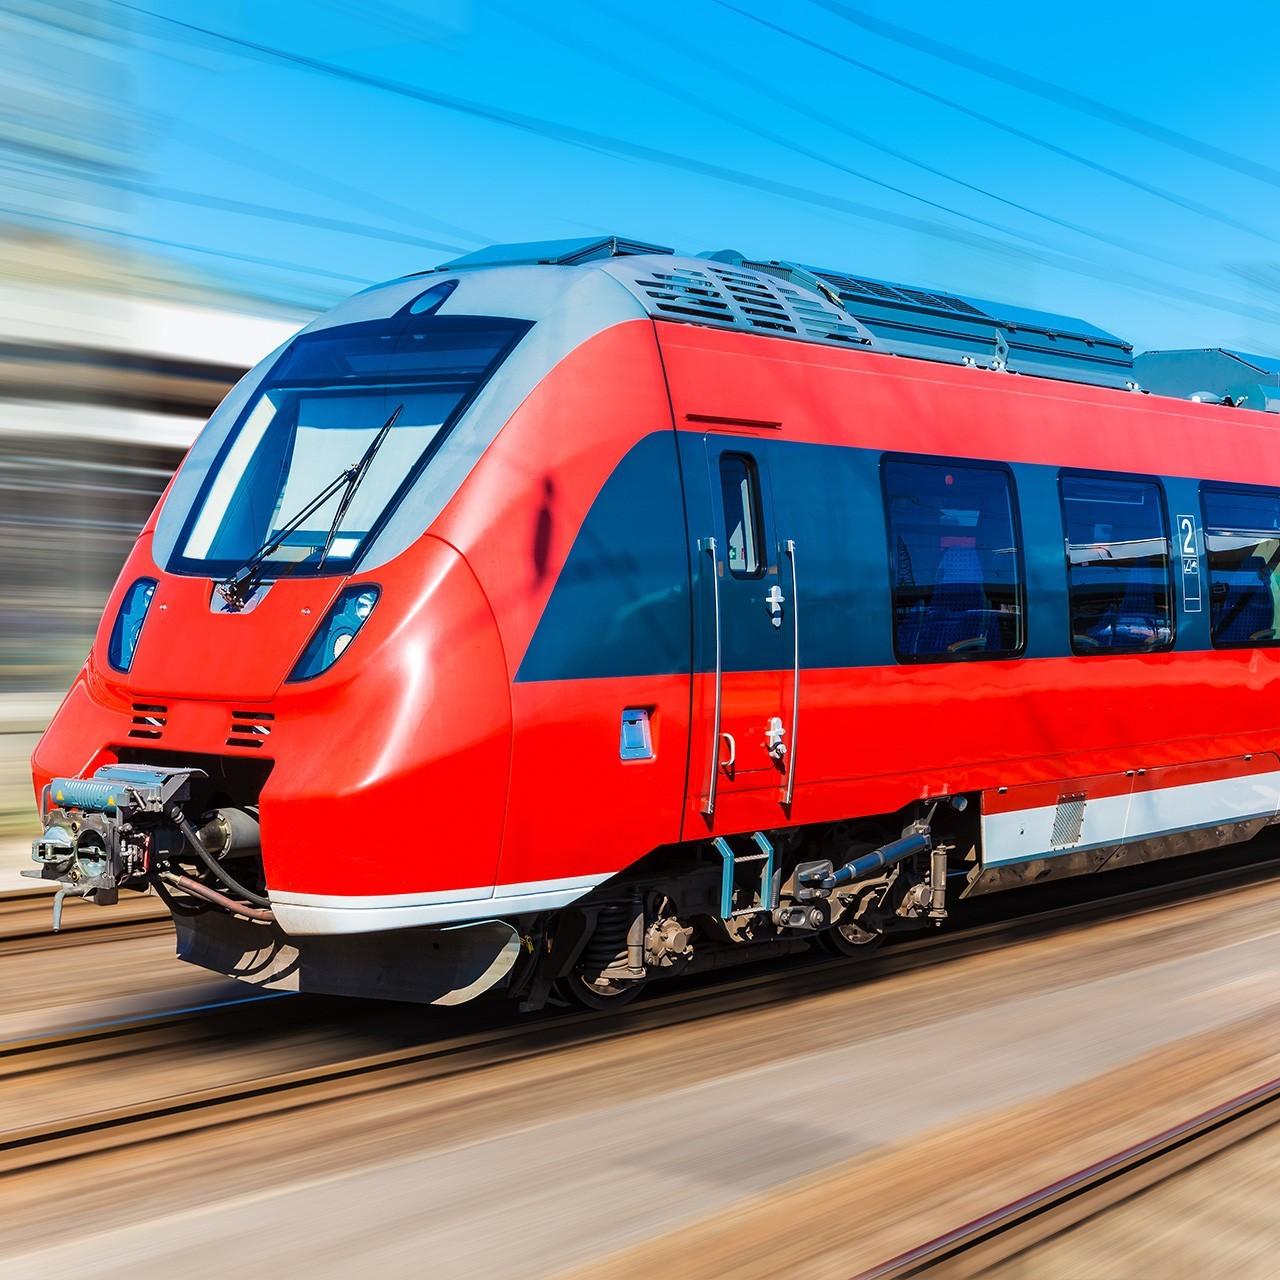 are railroads prone to